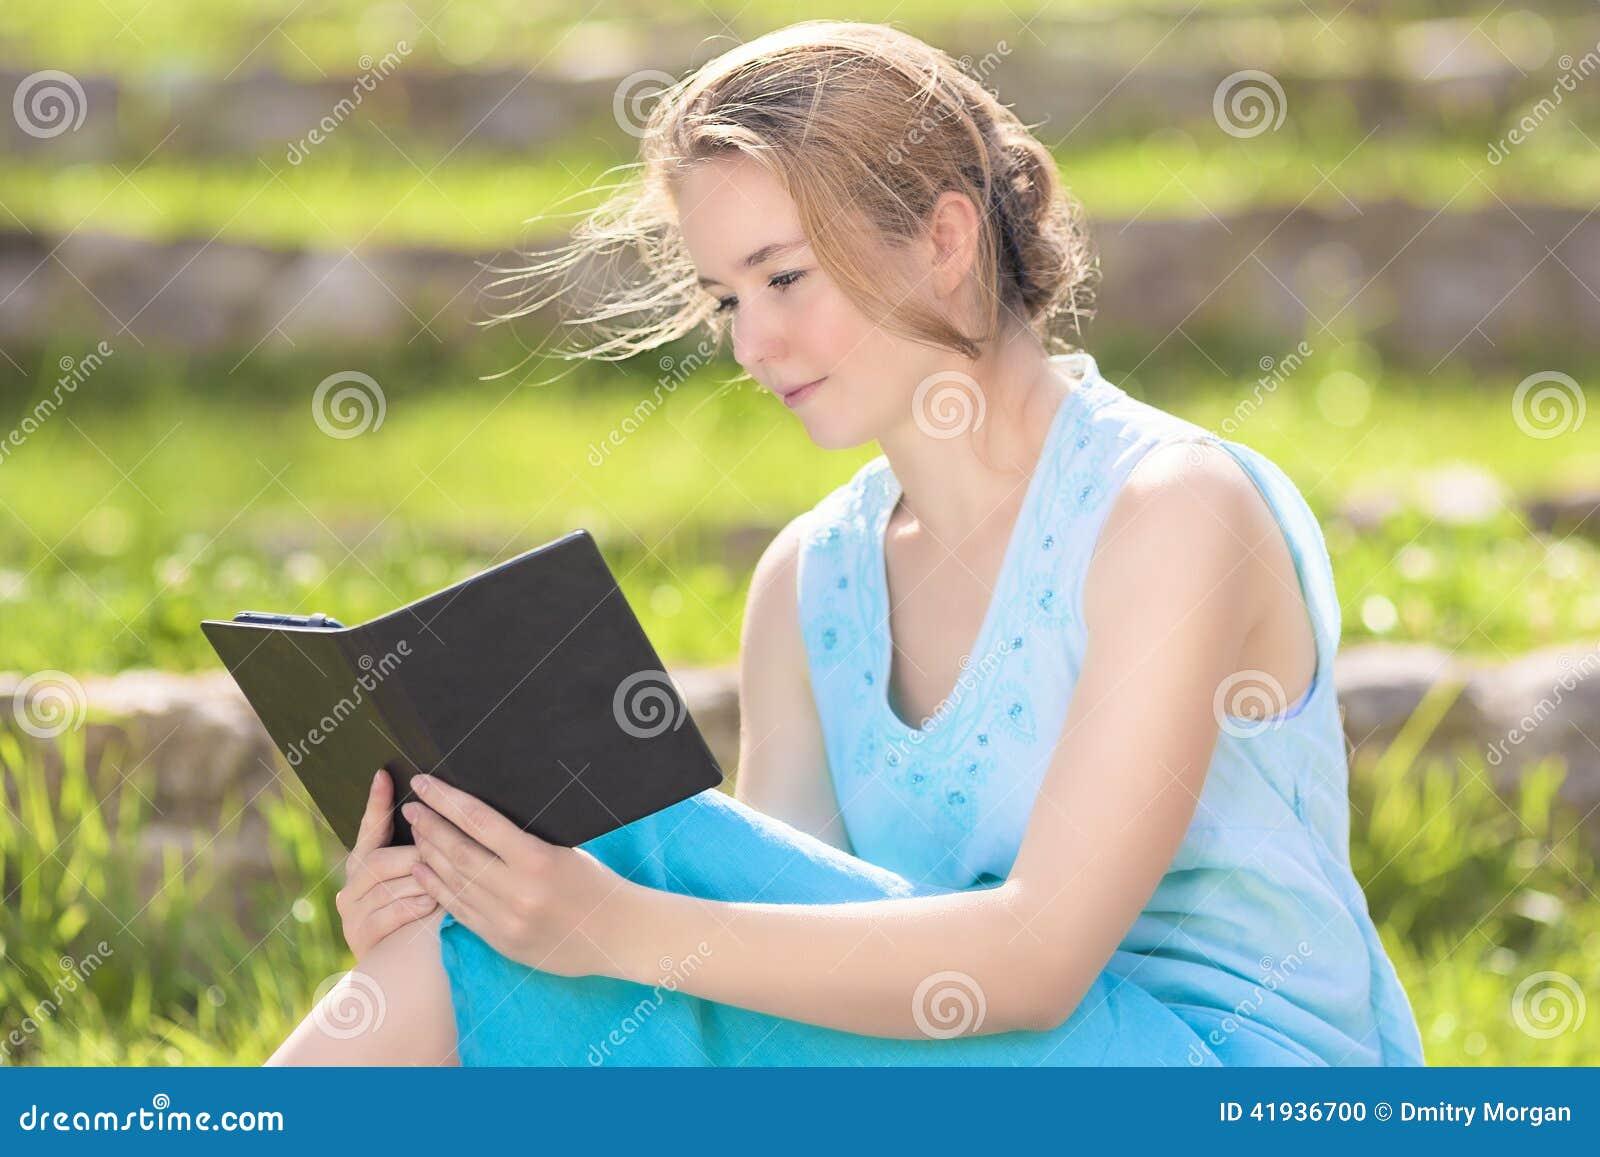 Stående av för Digital för ung Caucasian blond kvinna den läsande nollan eBook